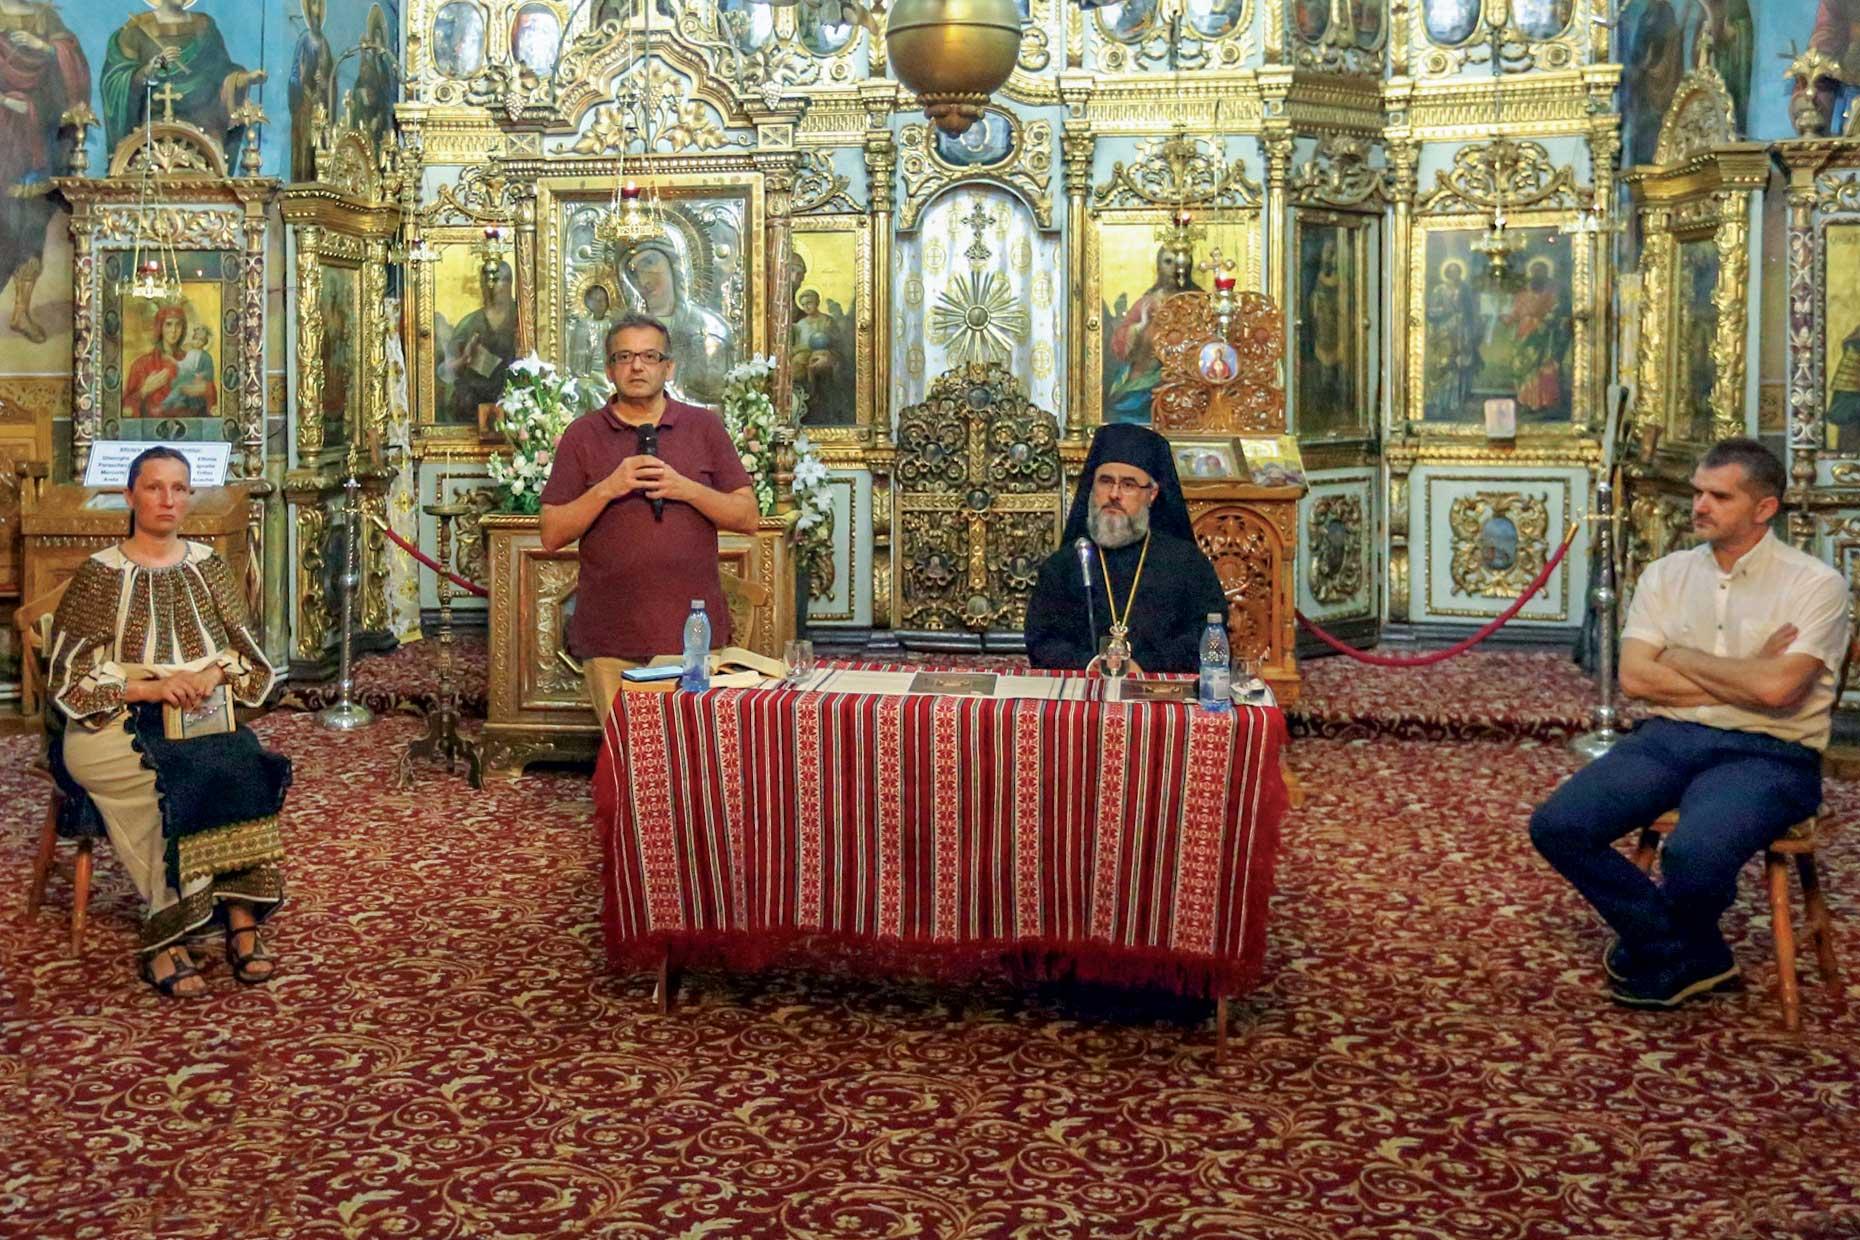 Proiect cultural nou în Arhiepiscopia Buzăului şi Vrancei